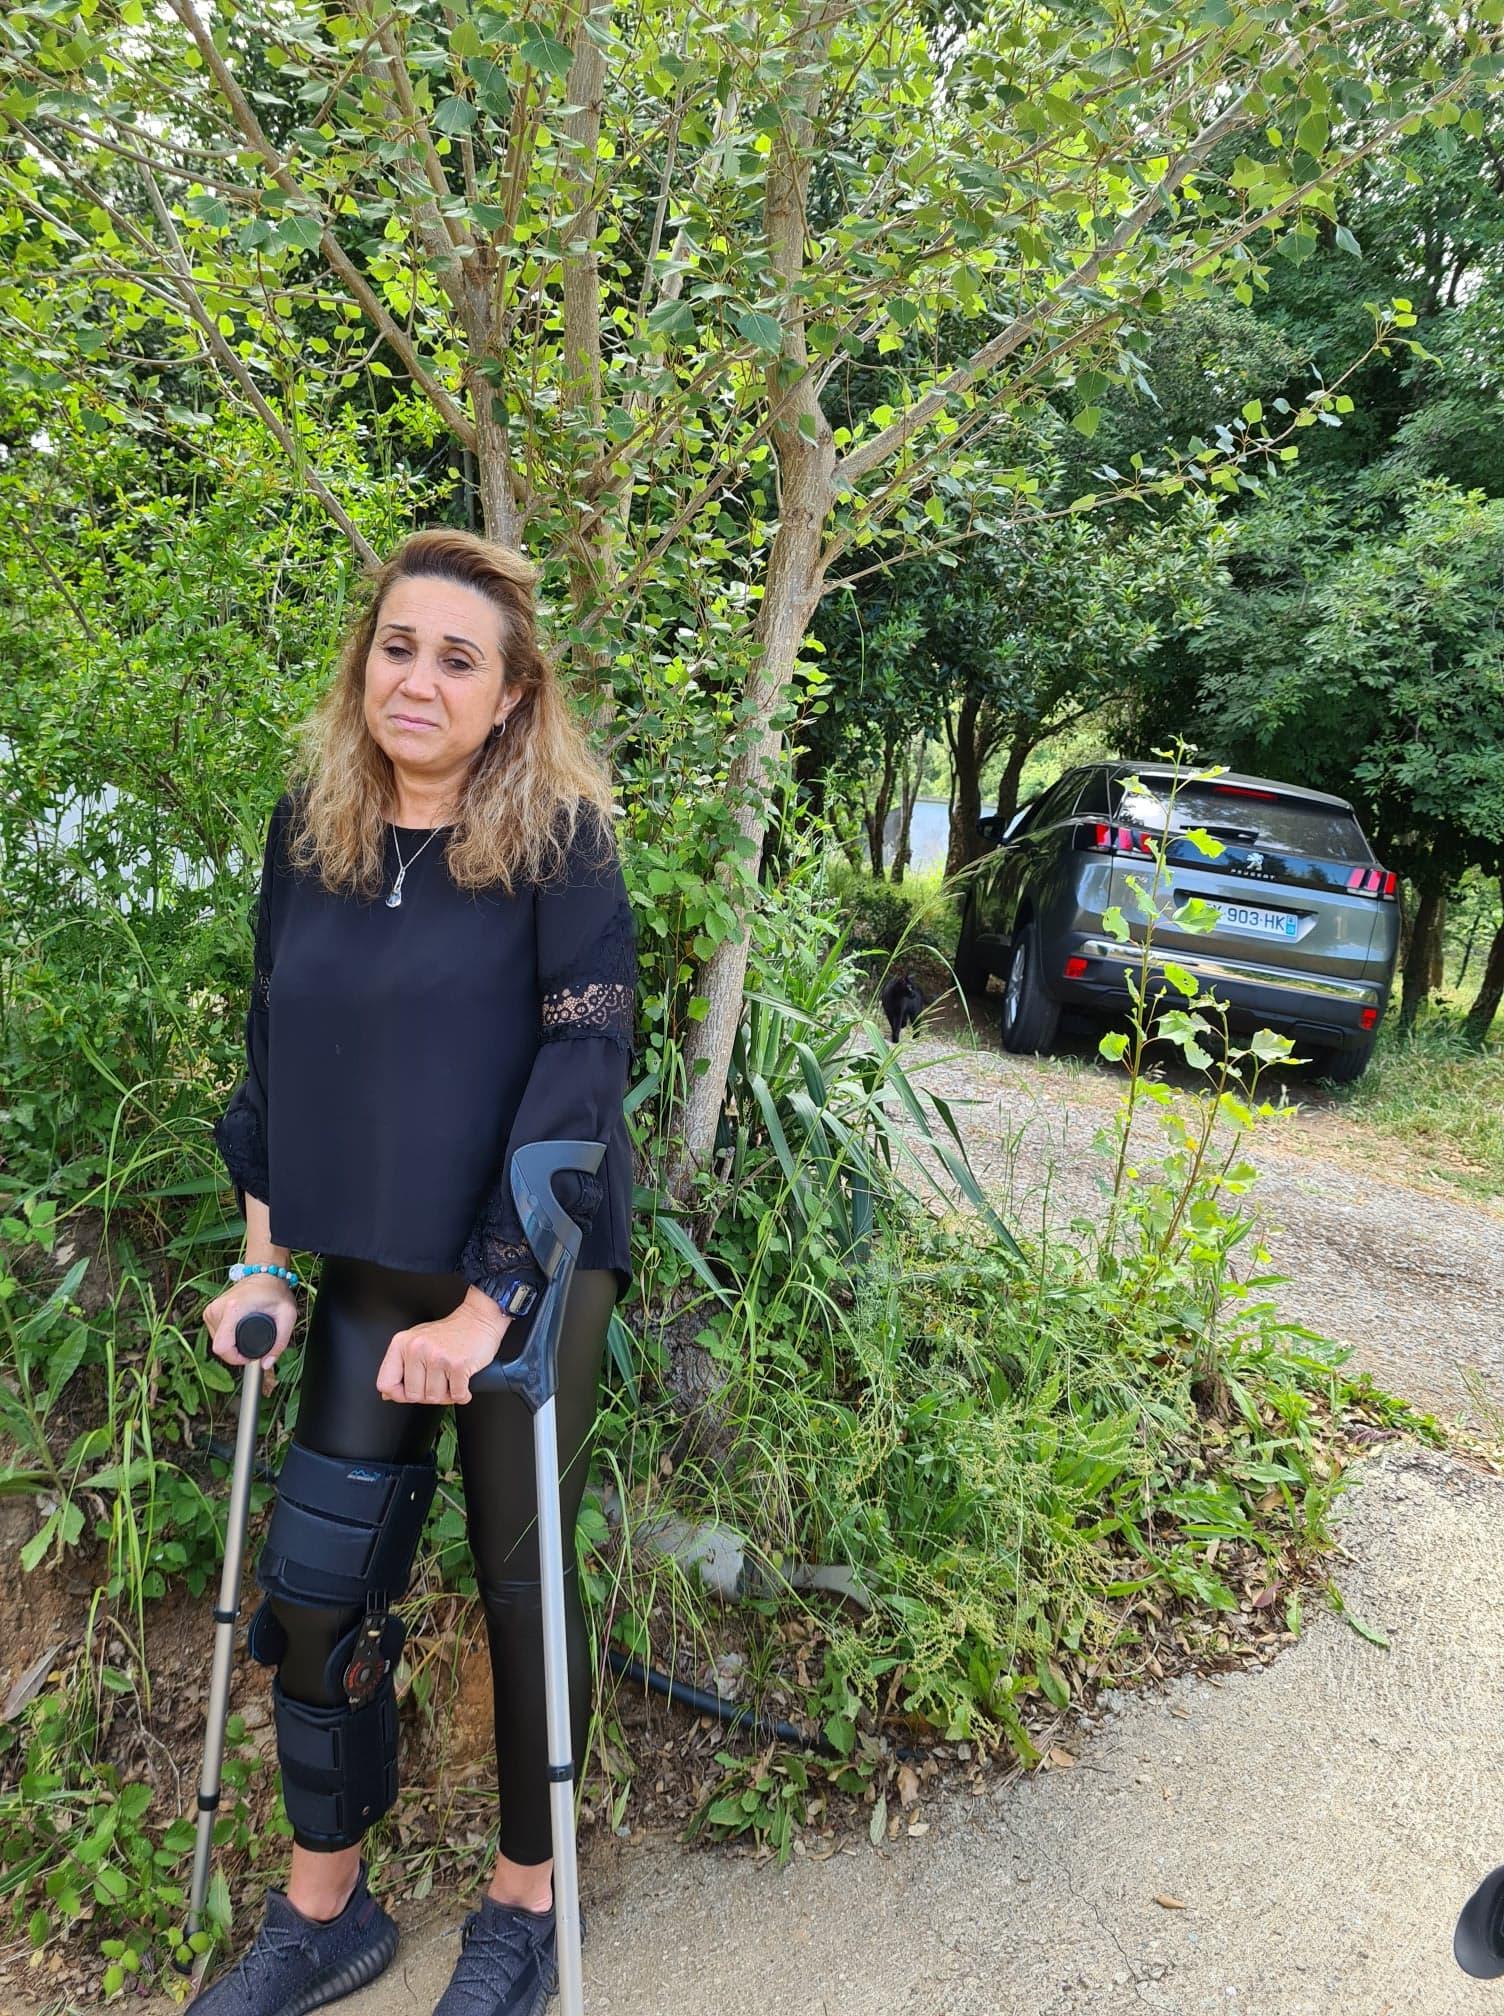 Maryline Taddei, à quelques mètres du lieu de l'incident, juste devant sa maison. Crédits Photo : Pierre-Manuel Pescetti